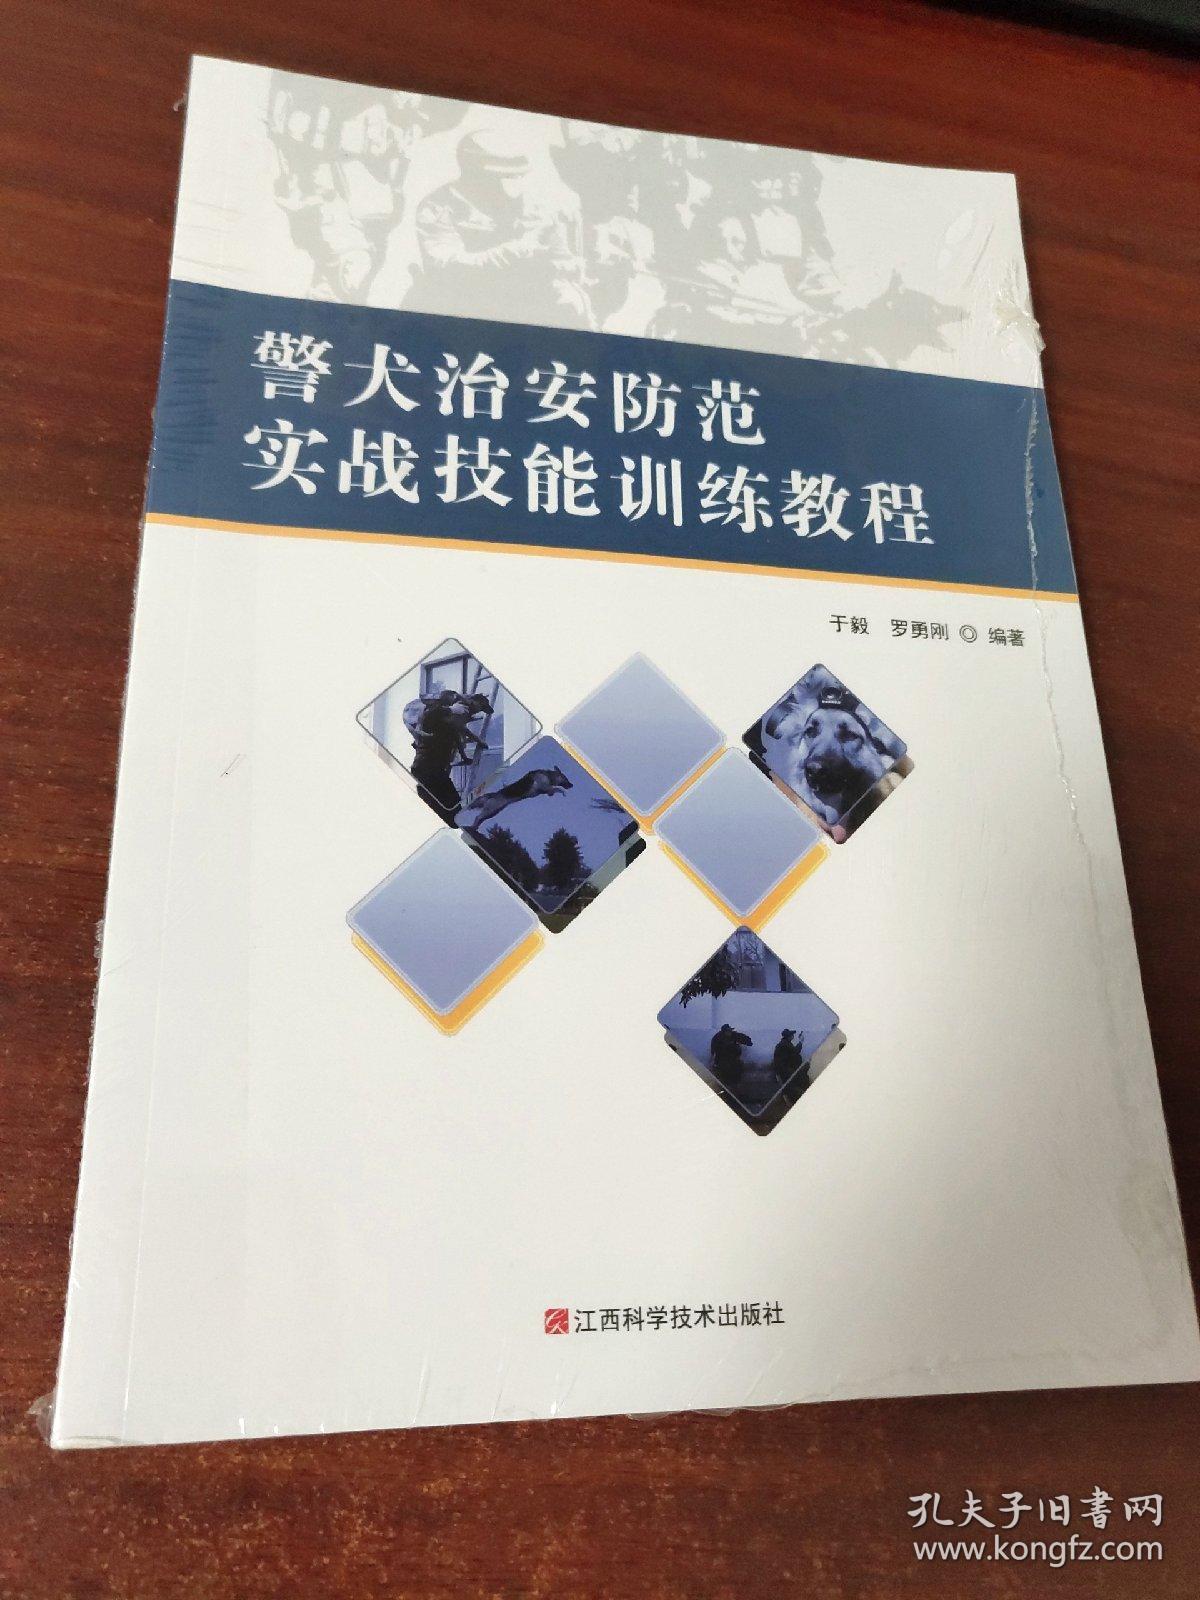 警犬治安防范实战技能训练教程 (未拆封)